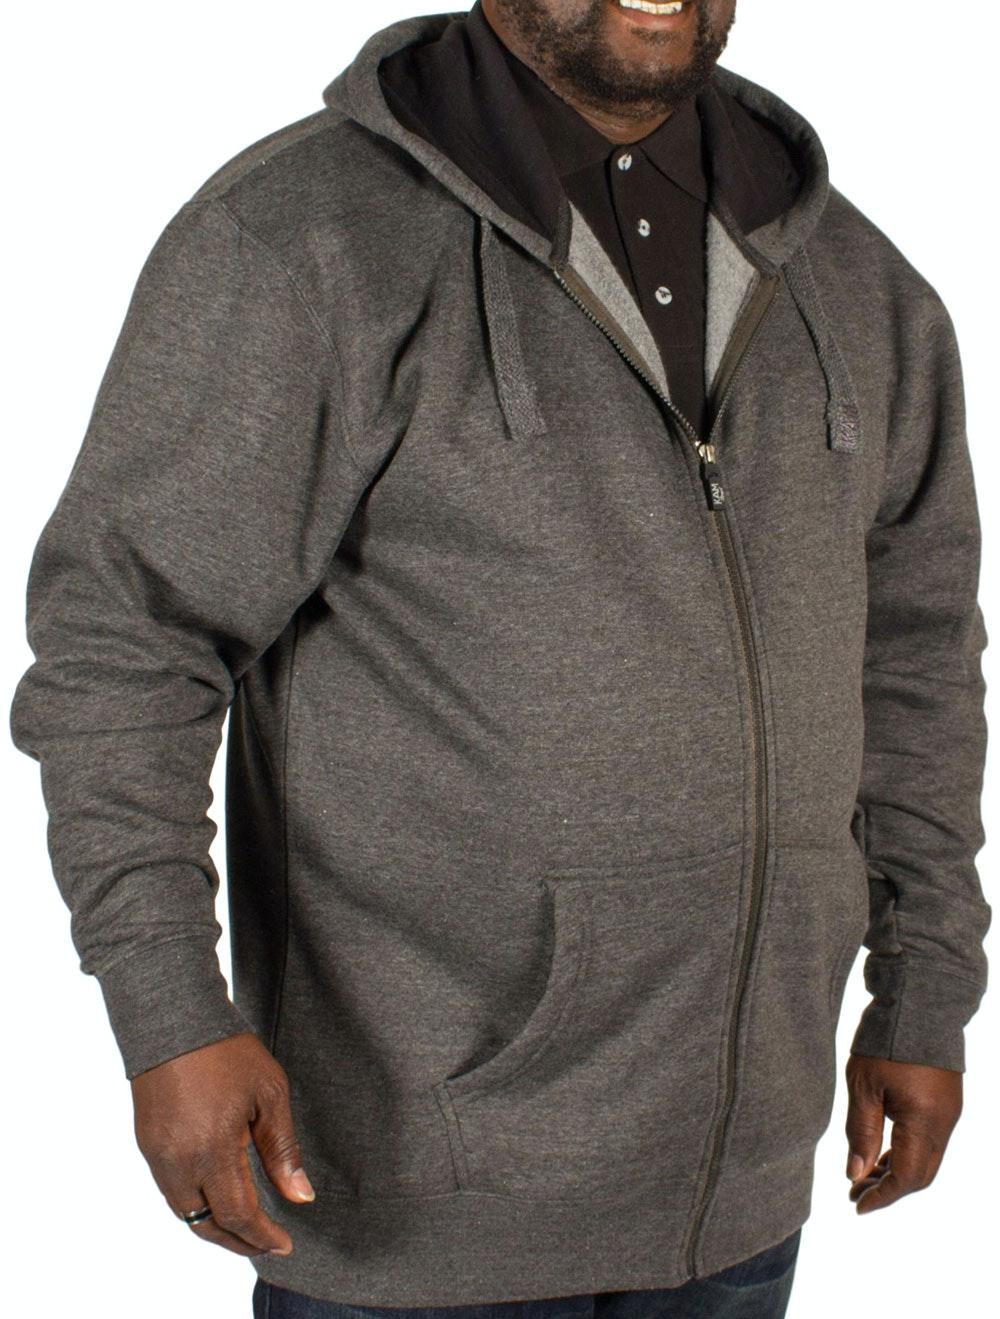 KAM Fleece Full Zip Hoody Charcoal